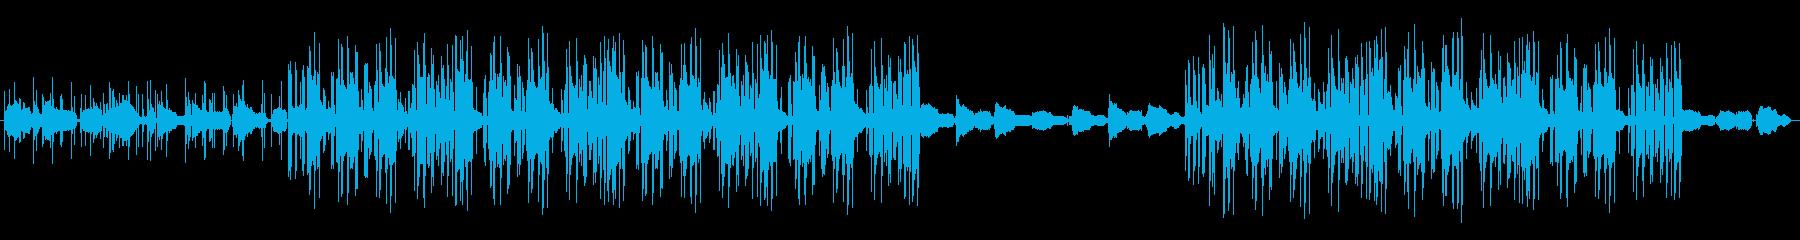 お洒落なギターのLoFiHiphopの再生済みの波形